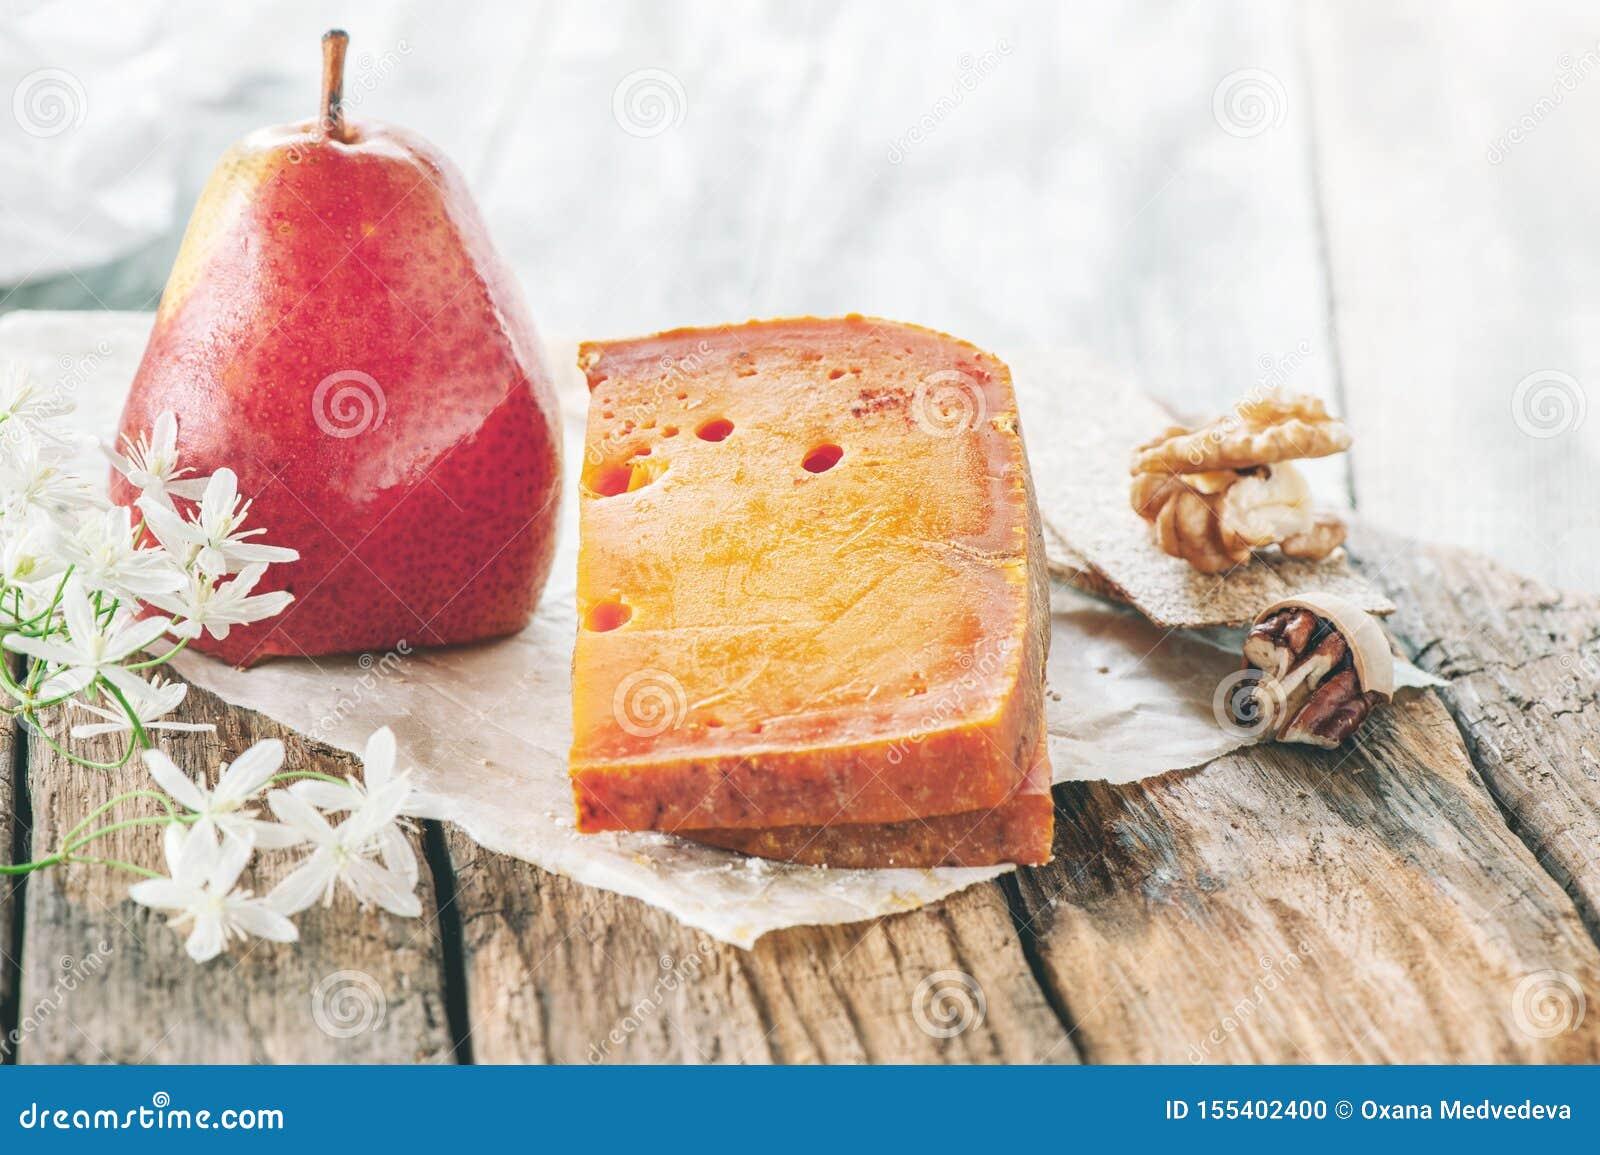 Деликатесы, пряные сыры Красный чеддер, на красивой текстурированной деревянной предпосылке с грушей смачная закуска для гурманов